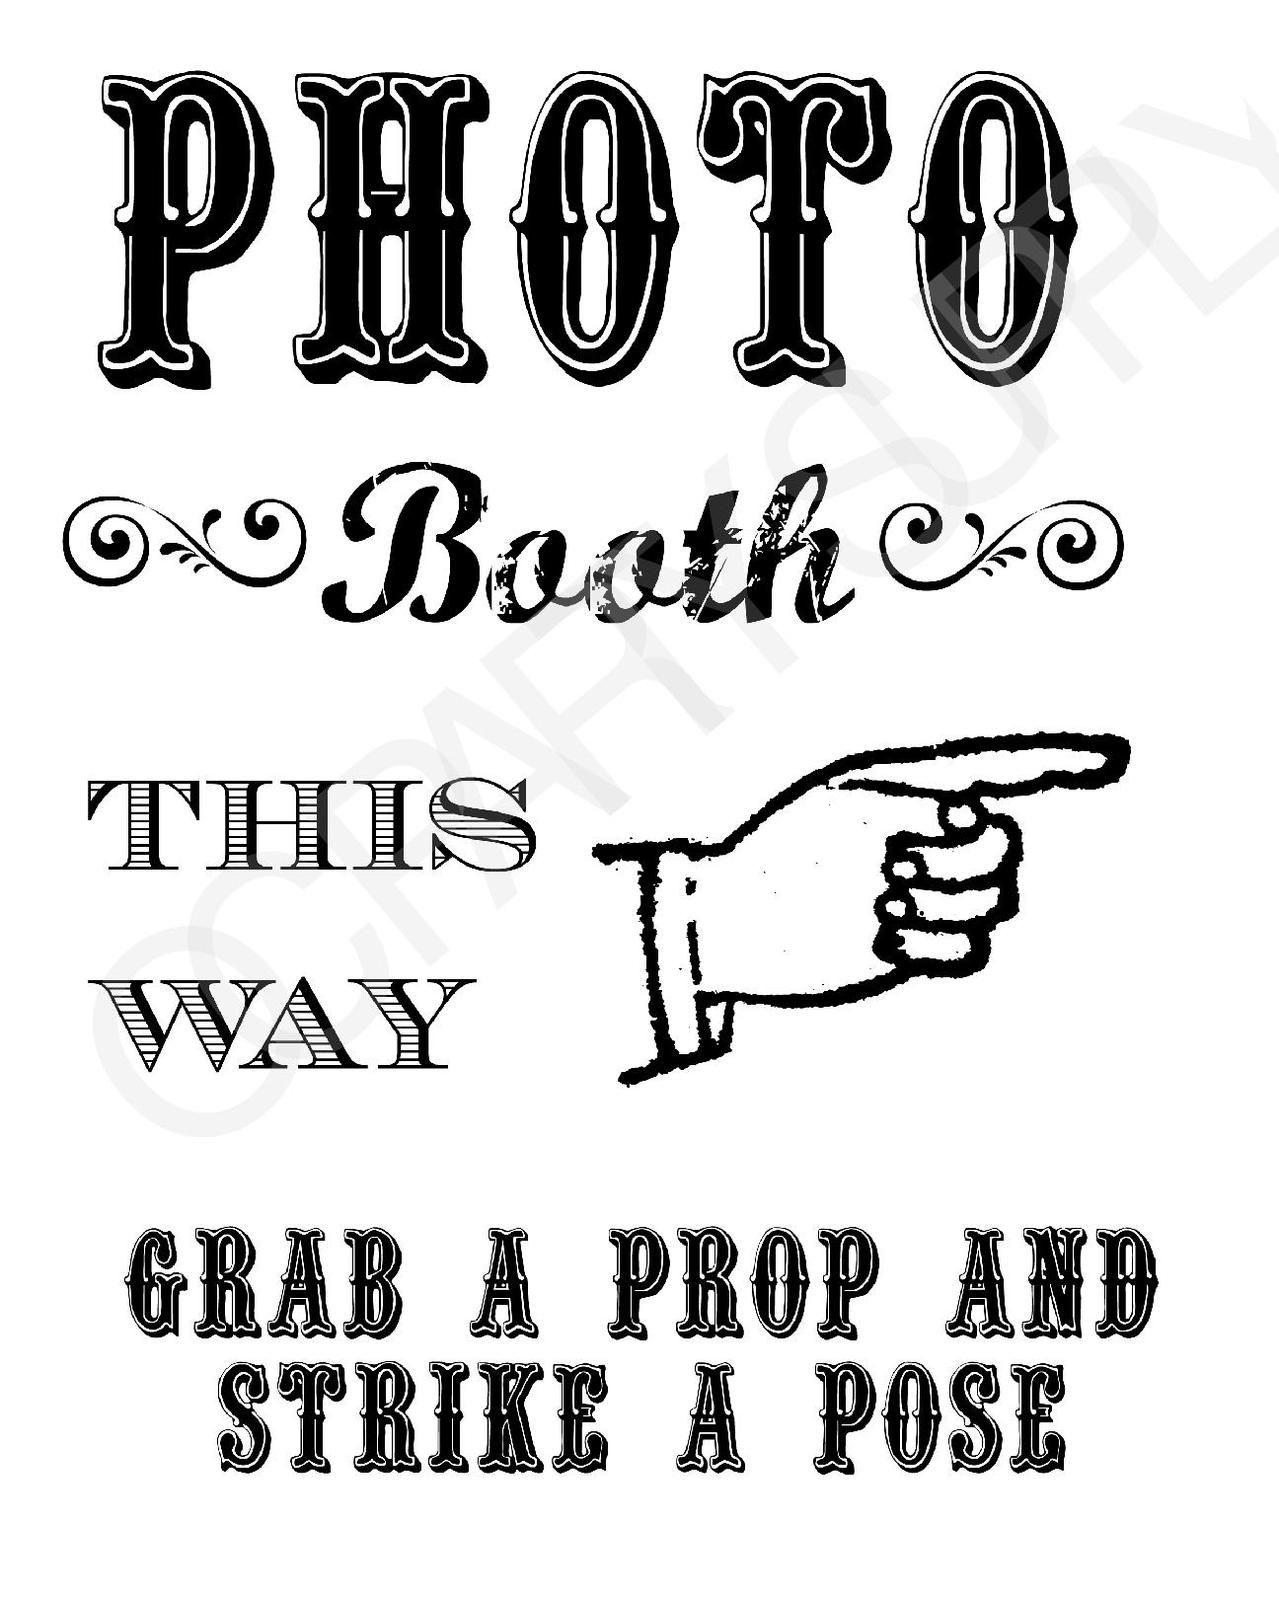 Grab A Prop & Strike A Pose! {Free} Printable Photo Booth Sign - Free Printable Photo Booth Sign Template